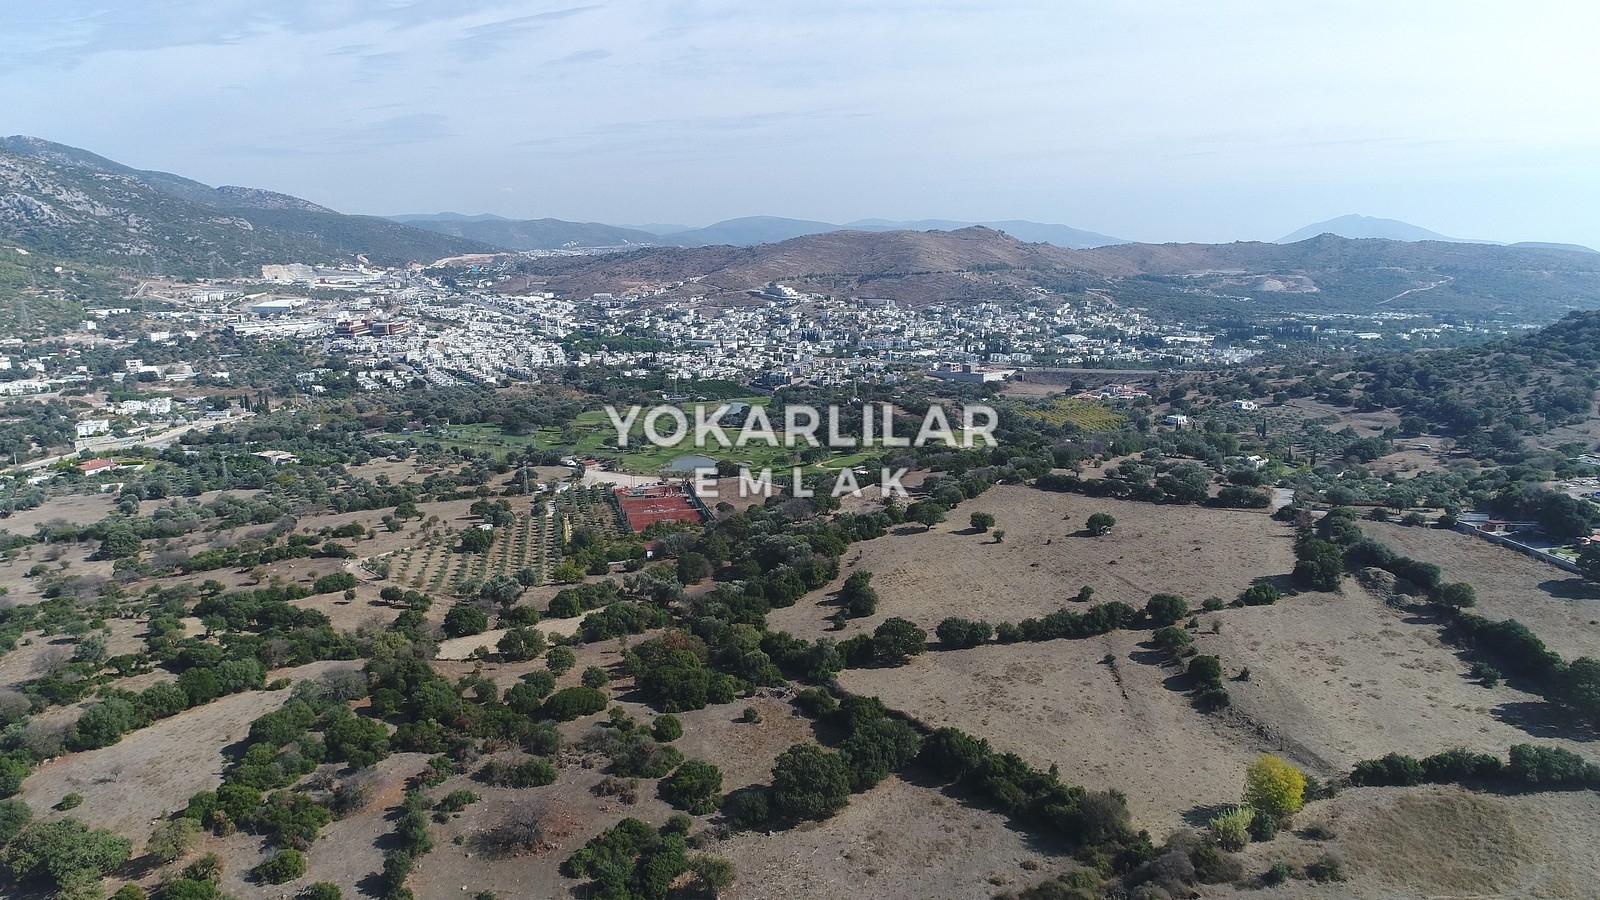 Yokarlılar Emlak - Ortakent/Satılık-Arsa/bodrum-ortakent'te-golf-sahasina-komsu-ozel-ciftlik-arazisi